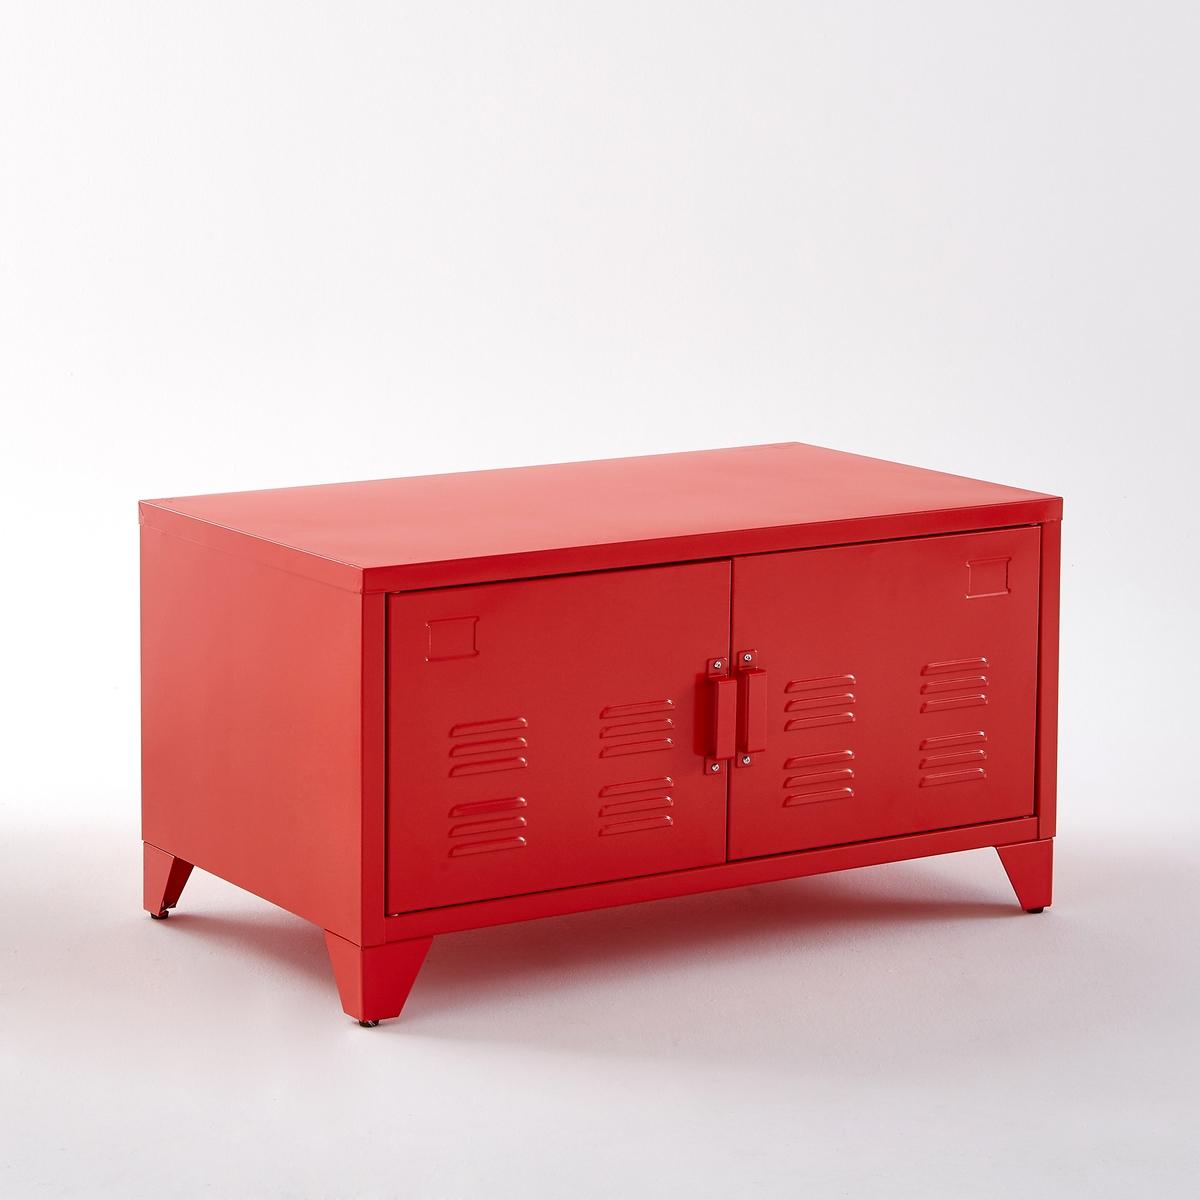 Mueble bajo 2 puertas de metal, Hiba